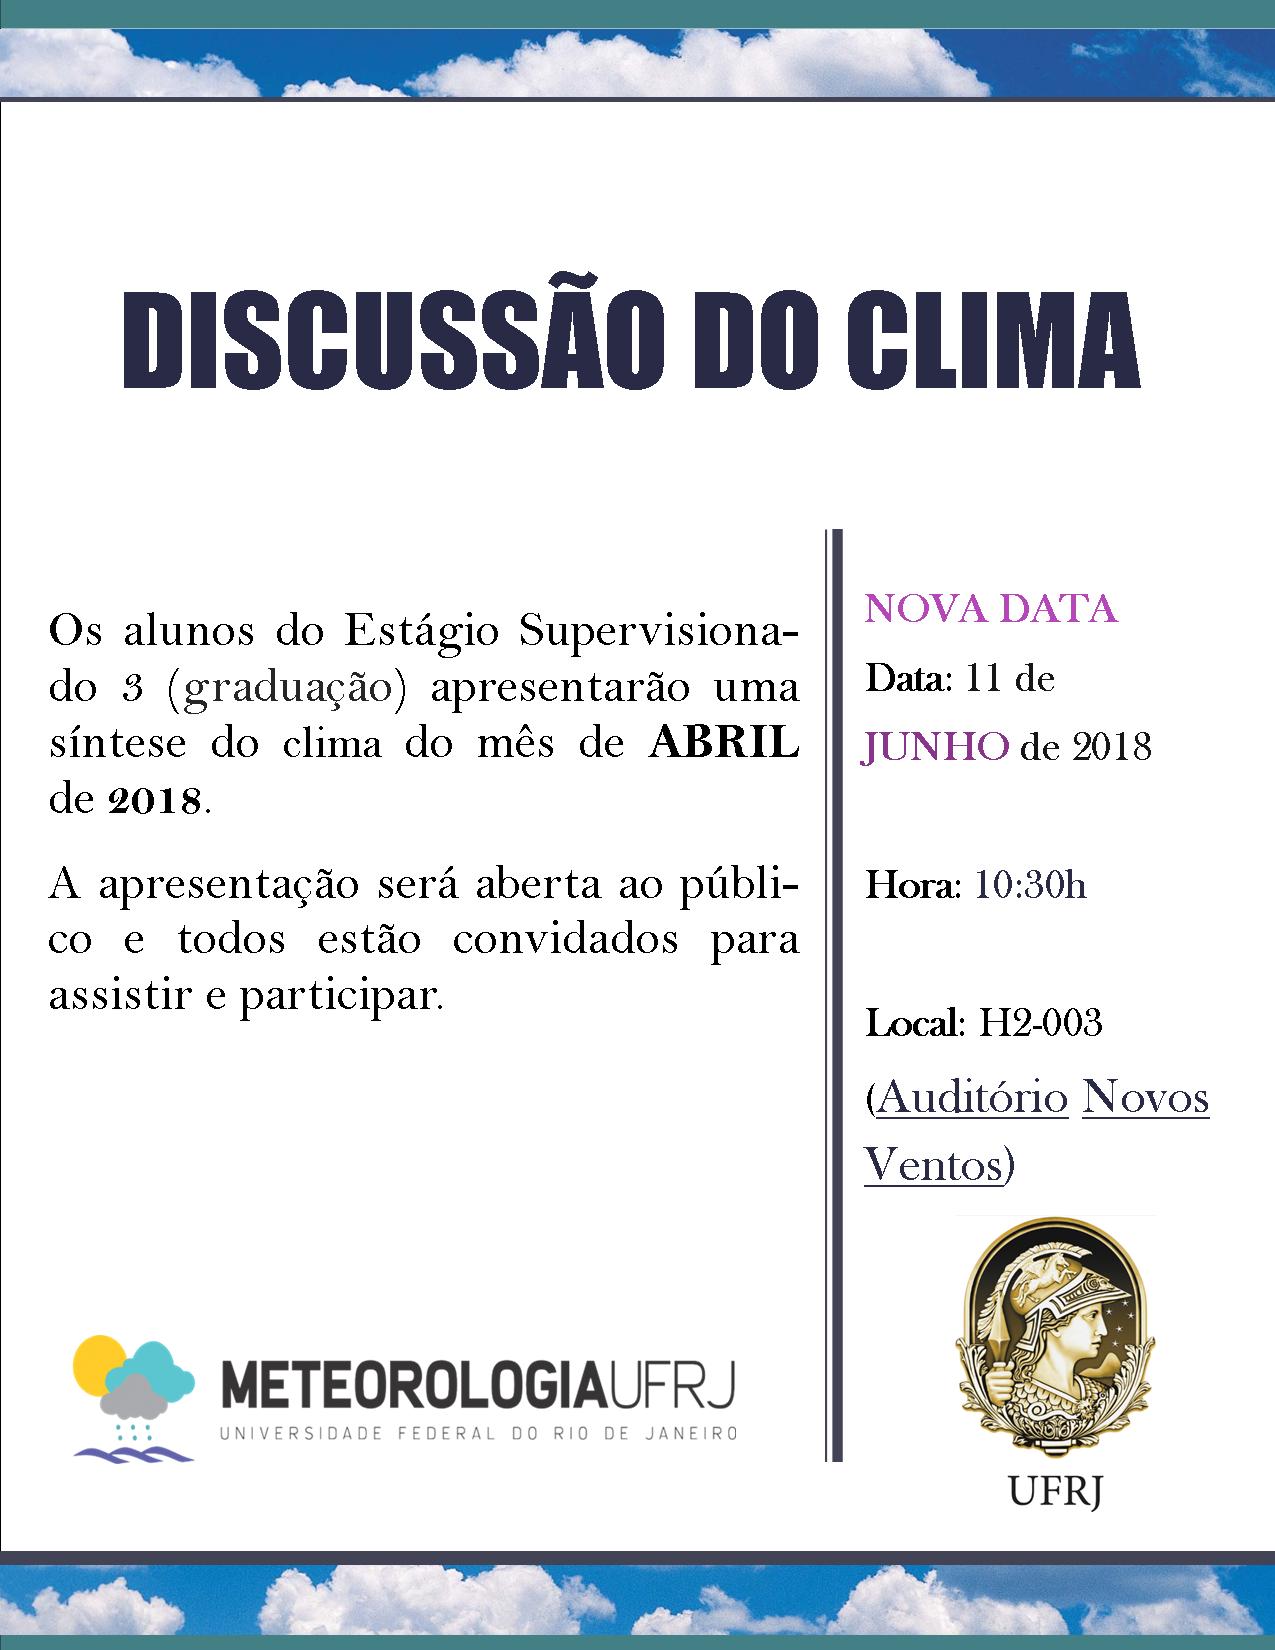 Discussão do Clima do Mês de Abril de 2018